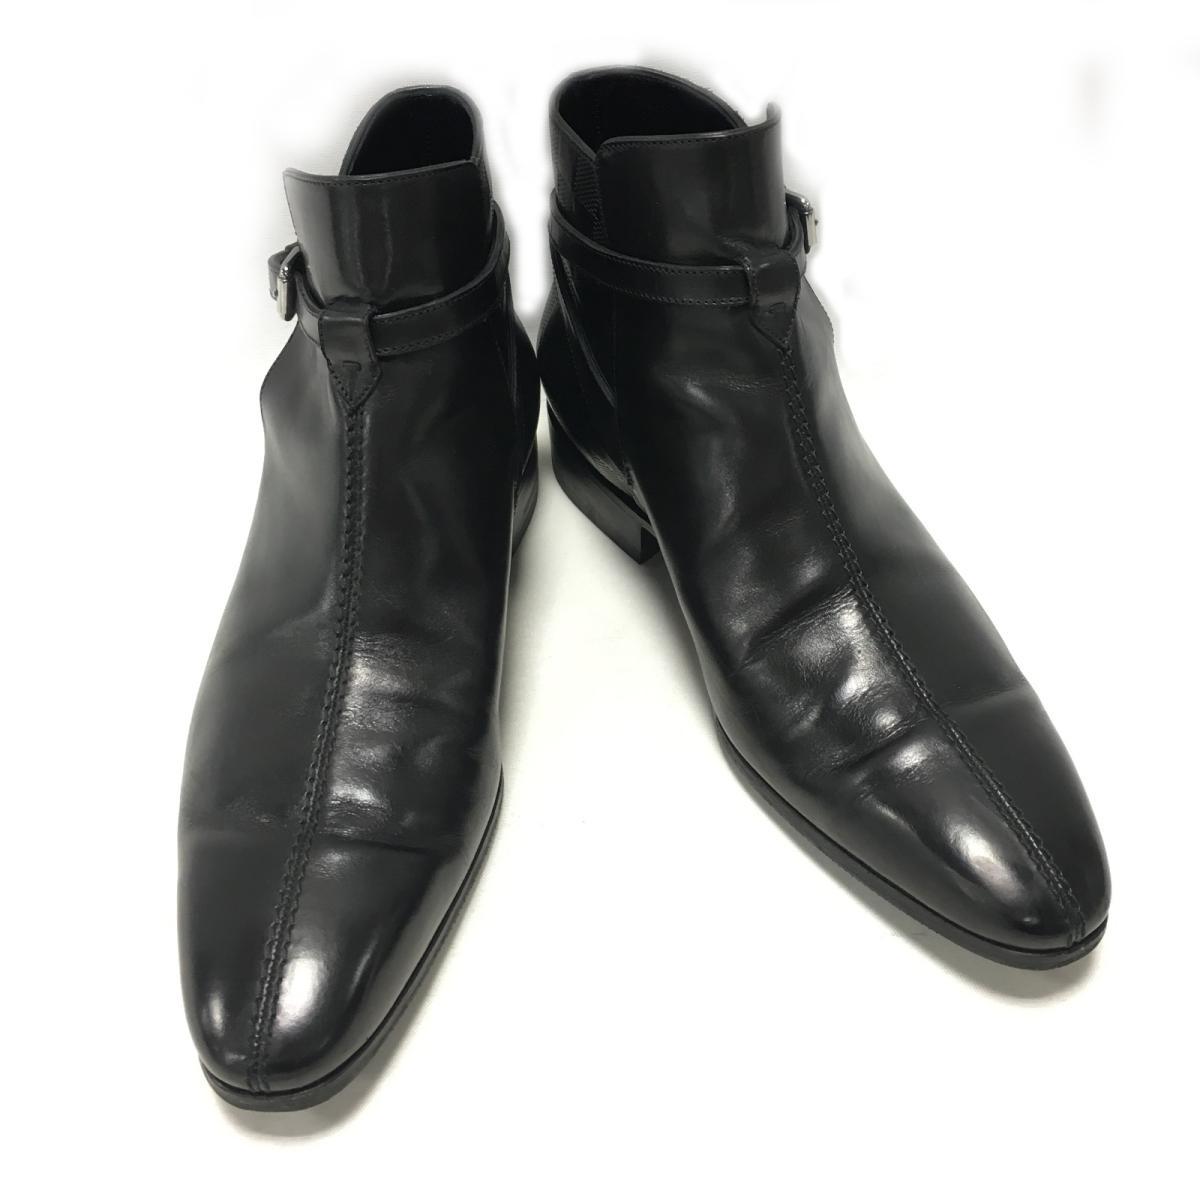 【中古】 ルイヴィトン ブーツ 靴 メンズ レザー | LOUIS VUITTON BRANDOFF ブランドオフ ヴィトン ビトン ルイ・ヴィトン ブランド シューズ クツ